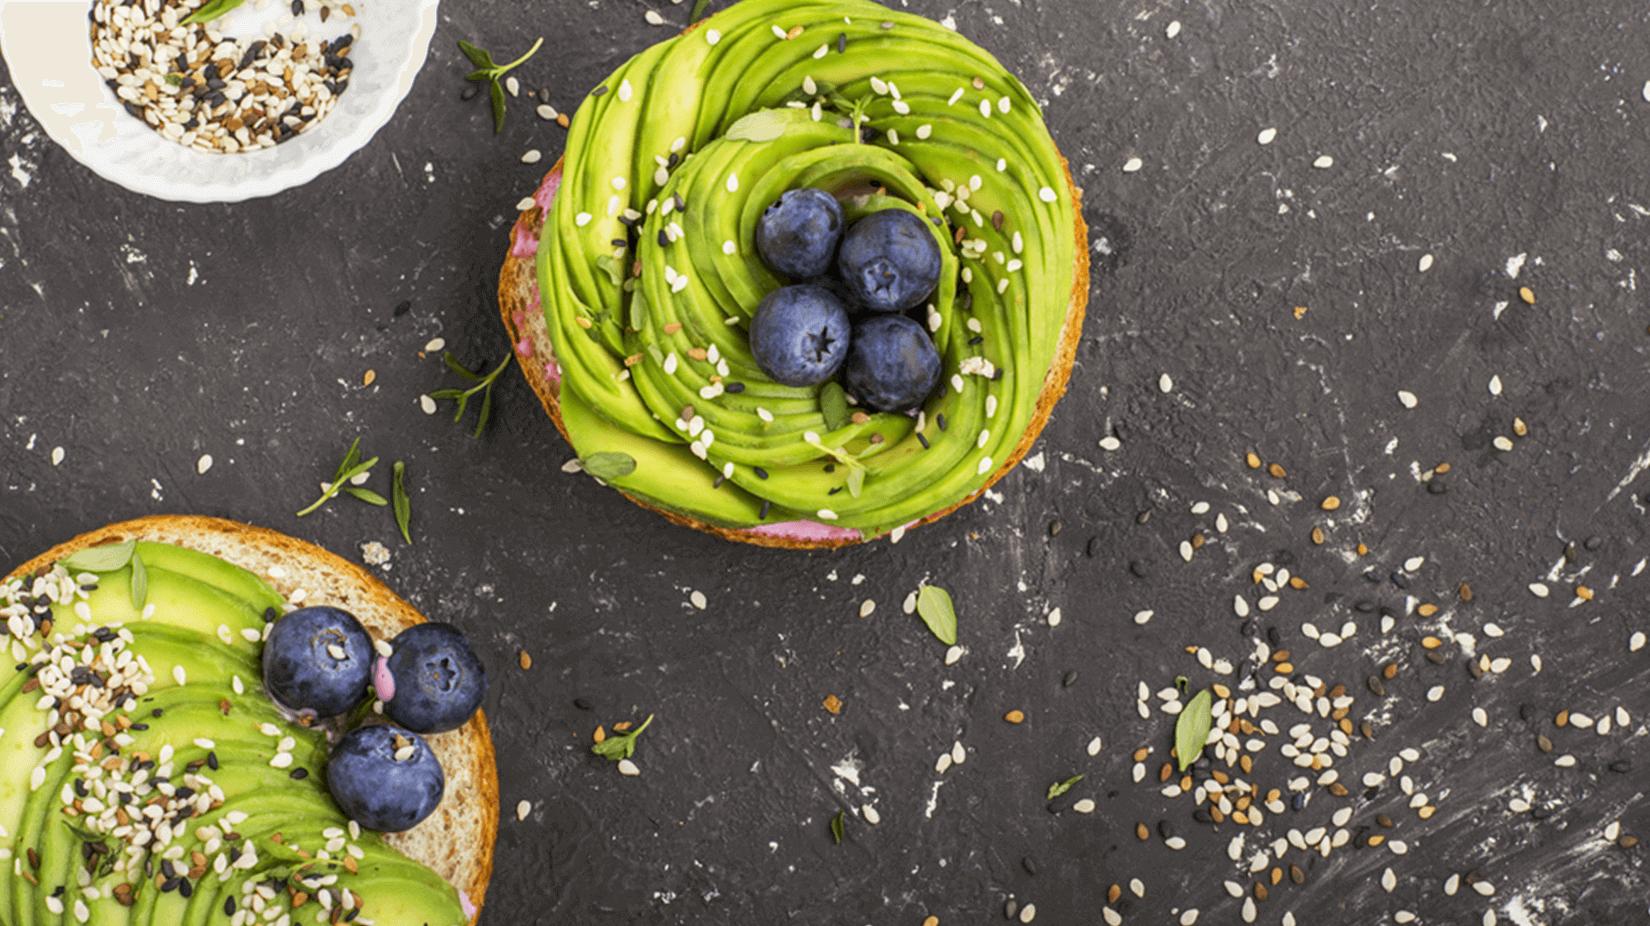 Avocado Rose selber machen - Anleitung und Erklärung